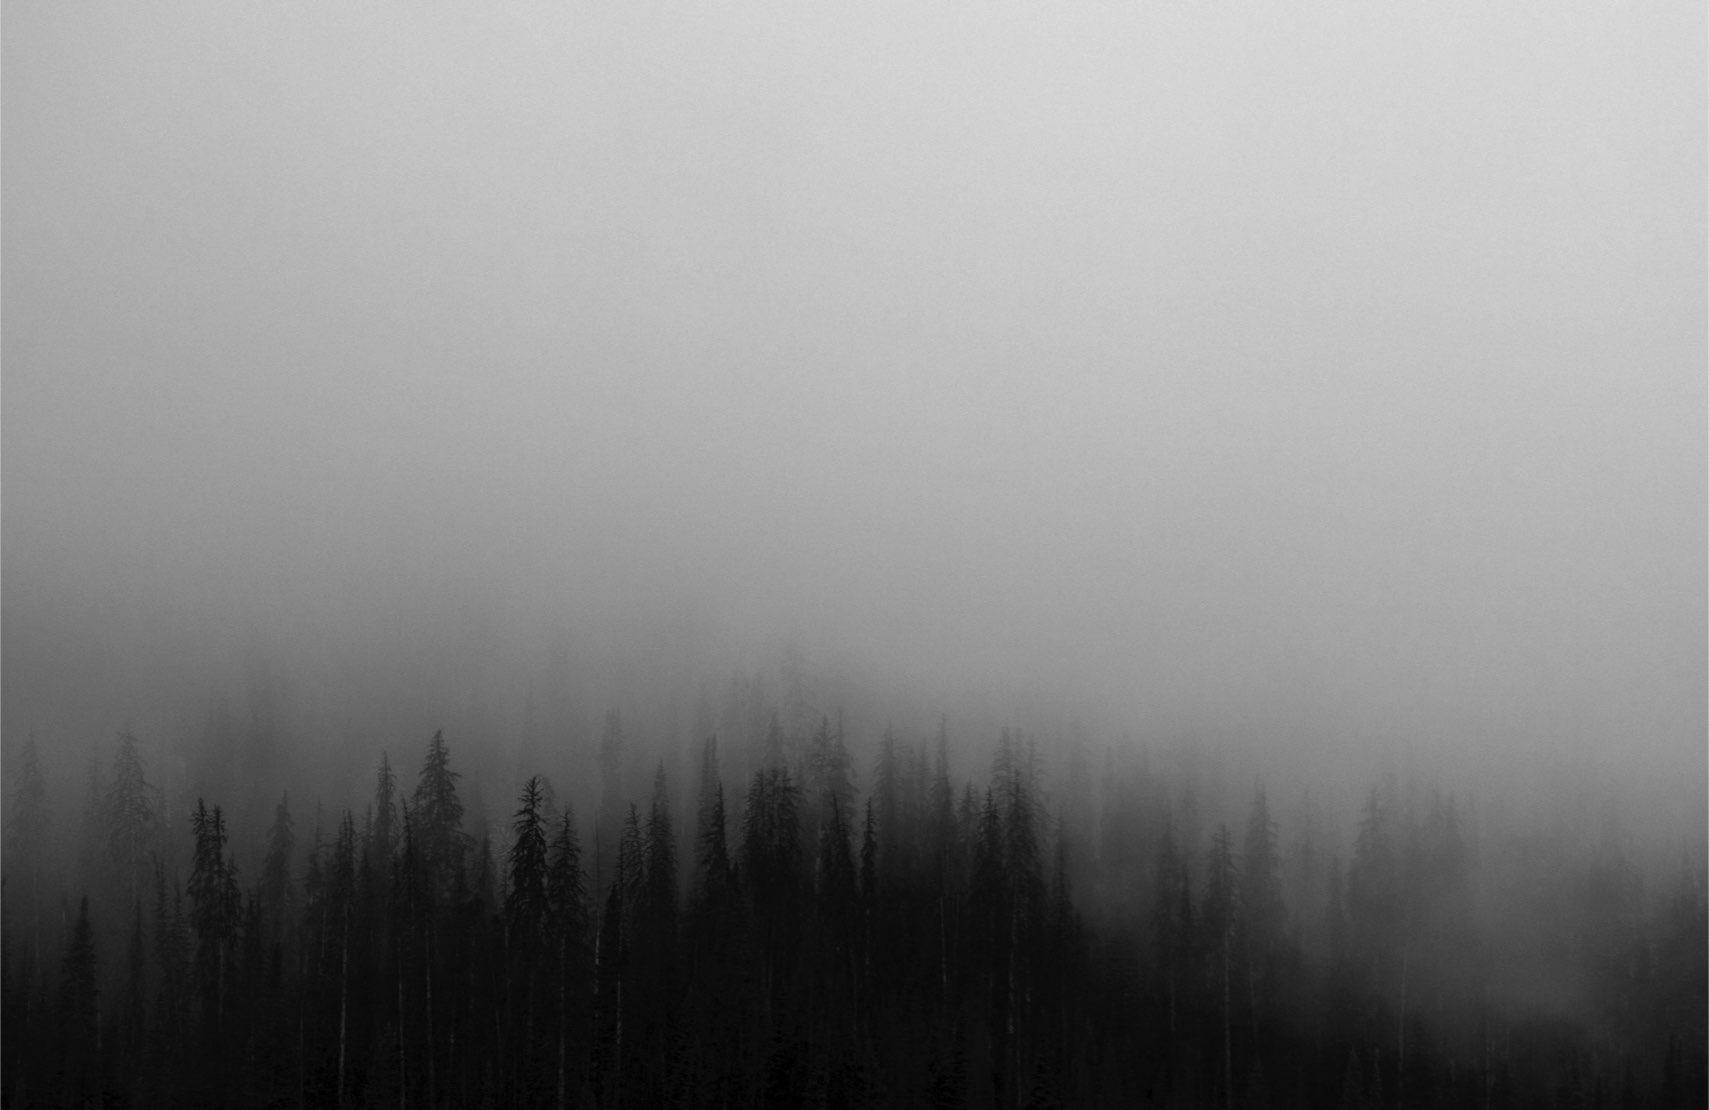 mist shrouded woods